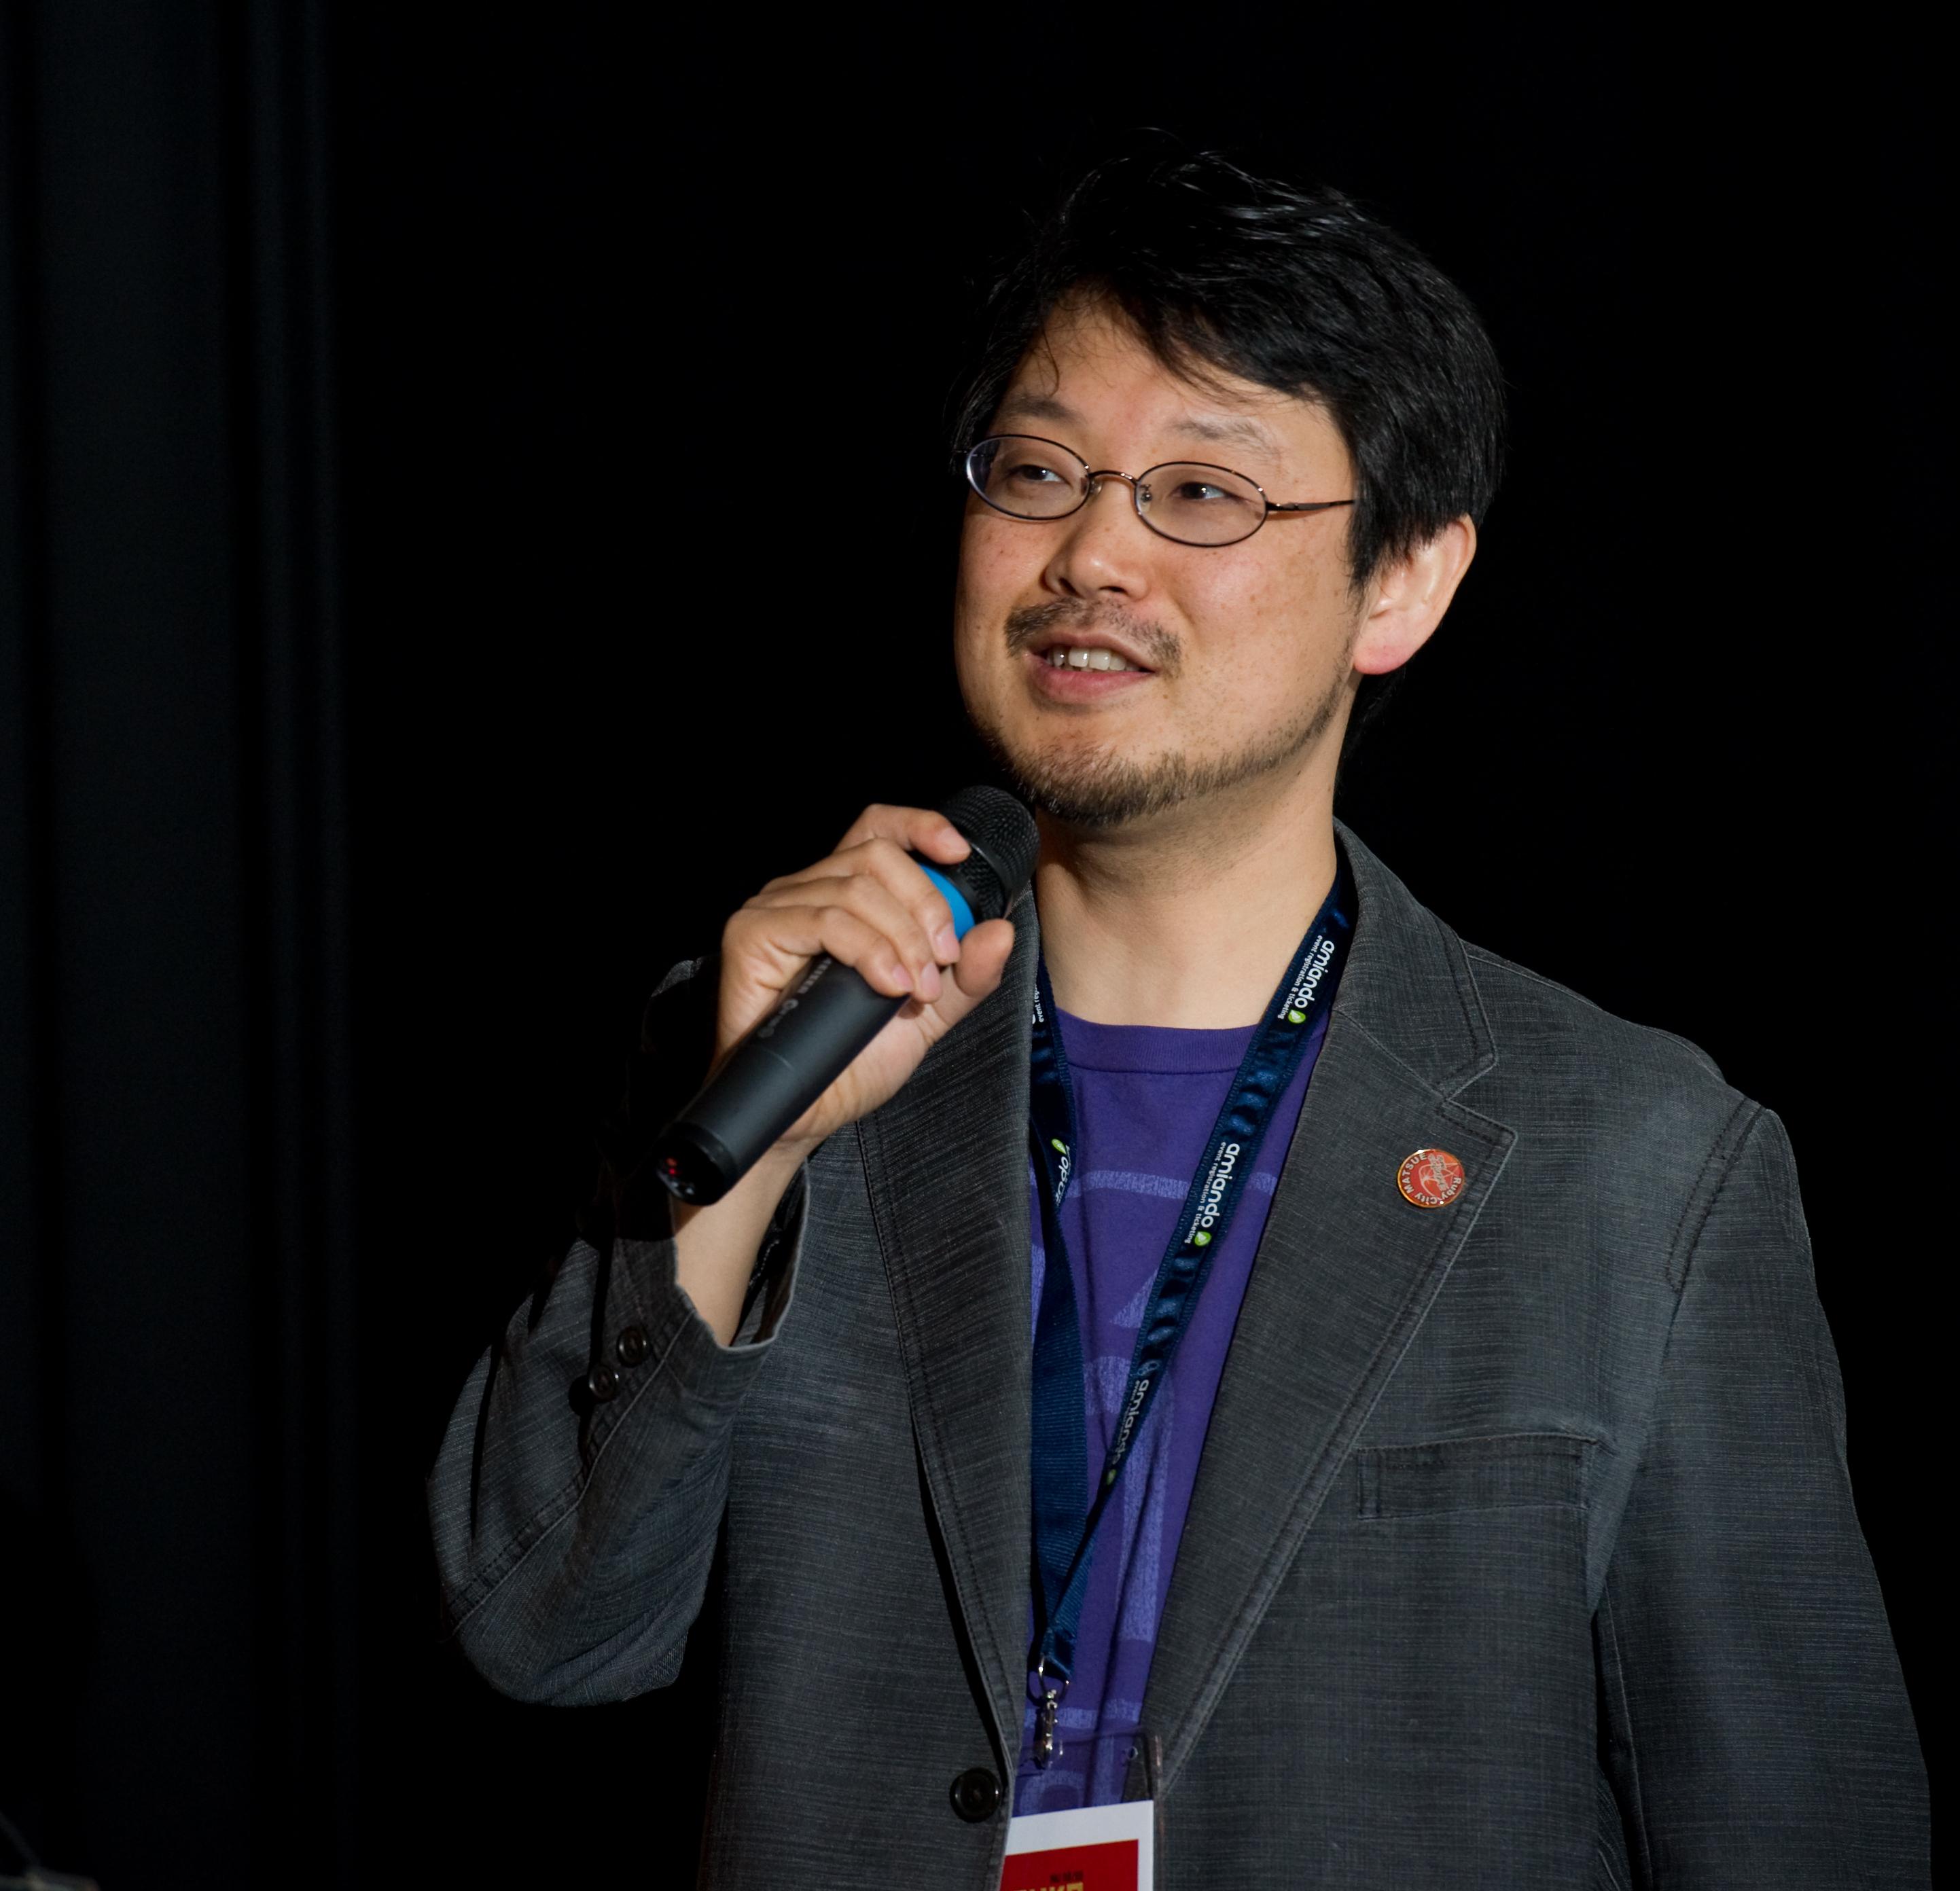 Yukihiro_Matsumoto_EuRuKo_2011